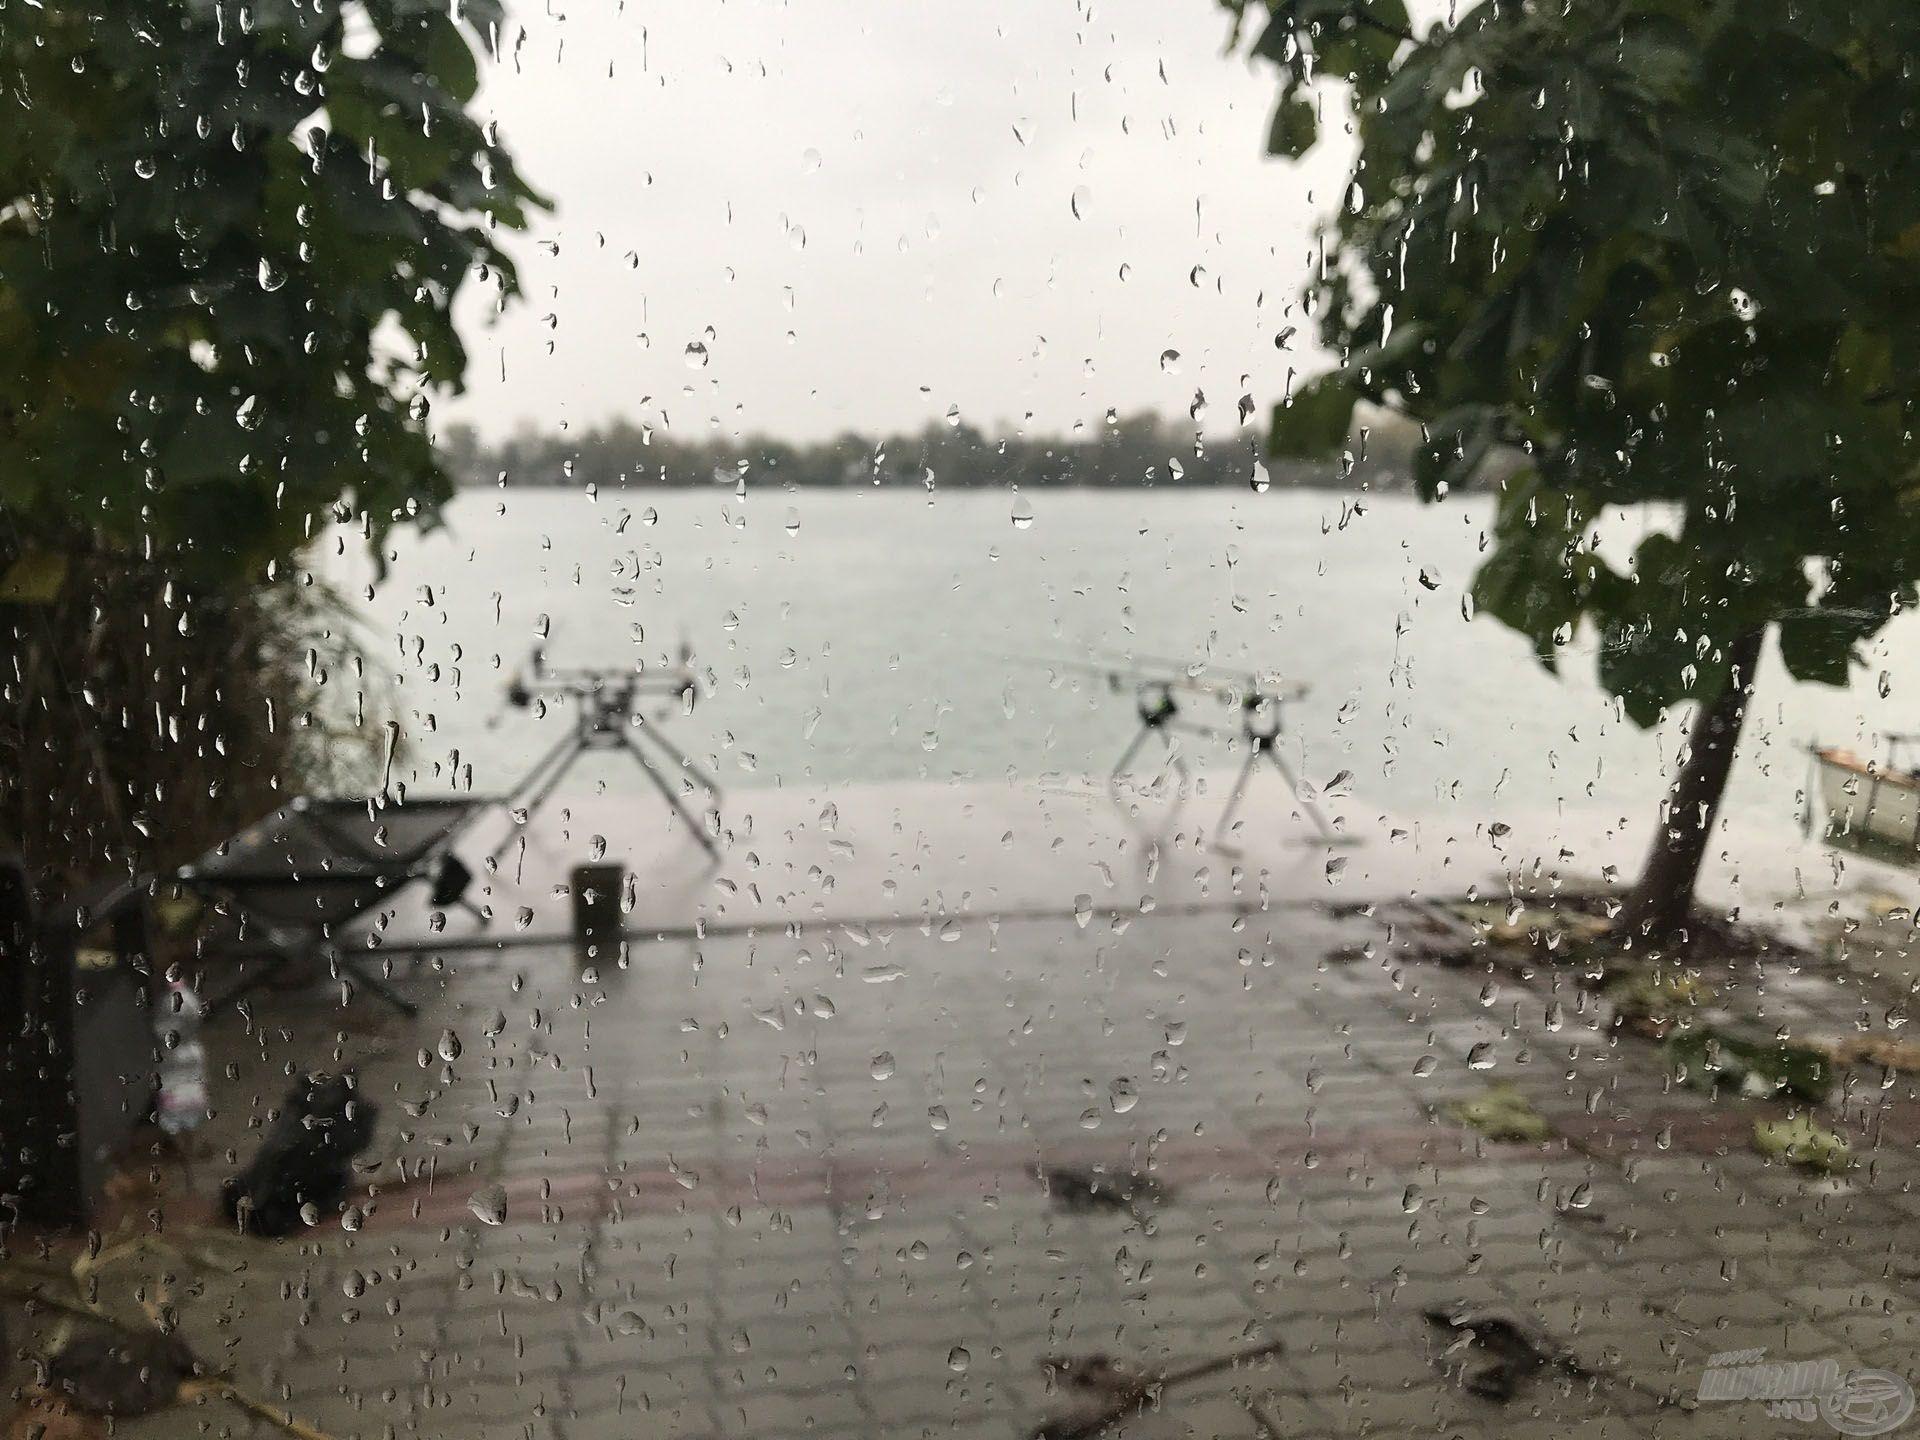 Örök igazság: ha az előrejelzés azt írja, hogy 90% esélye van az esőnek, akkor bizony esni is fog!:)